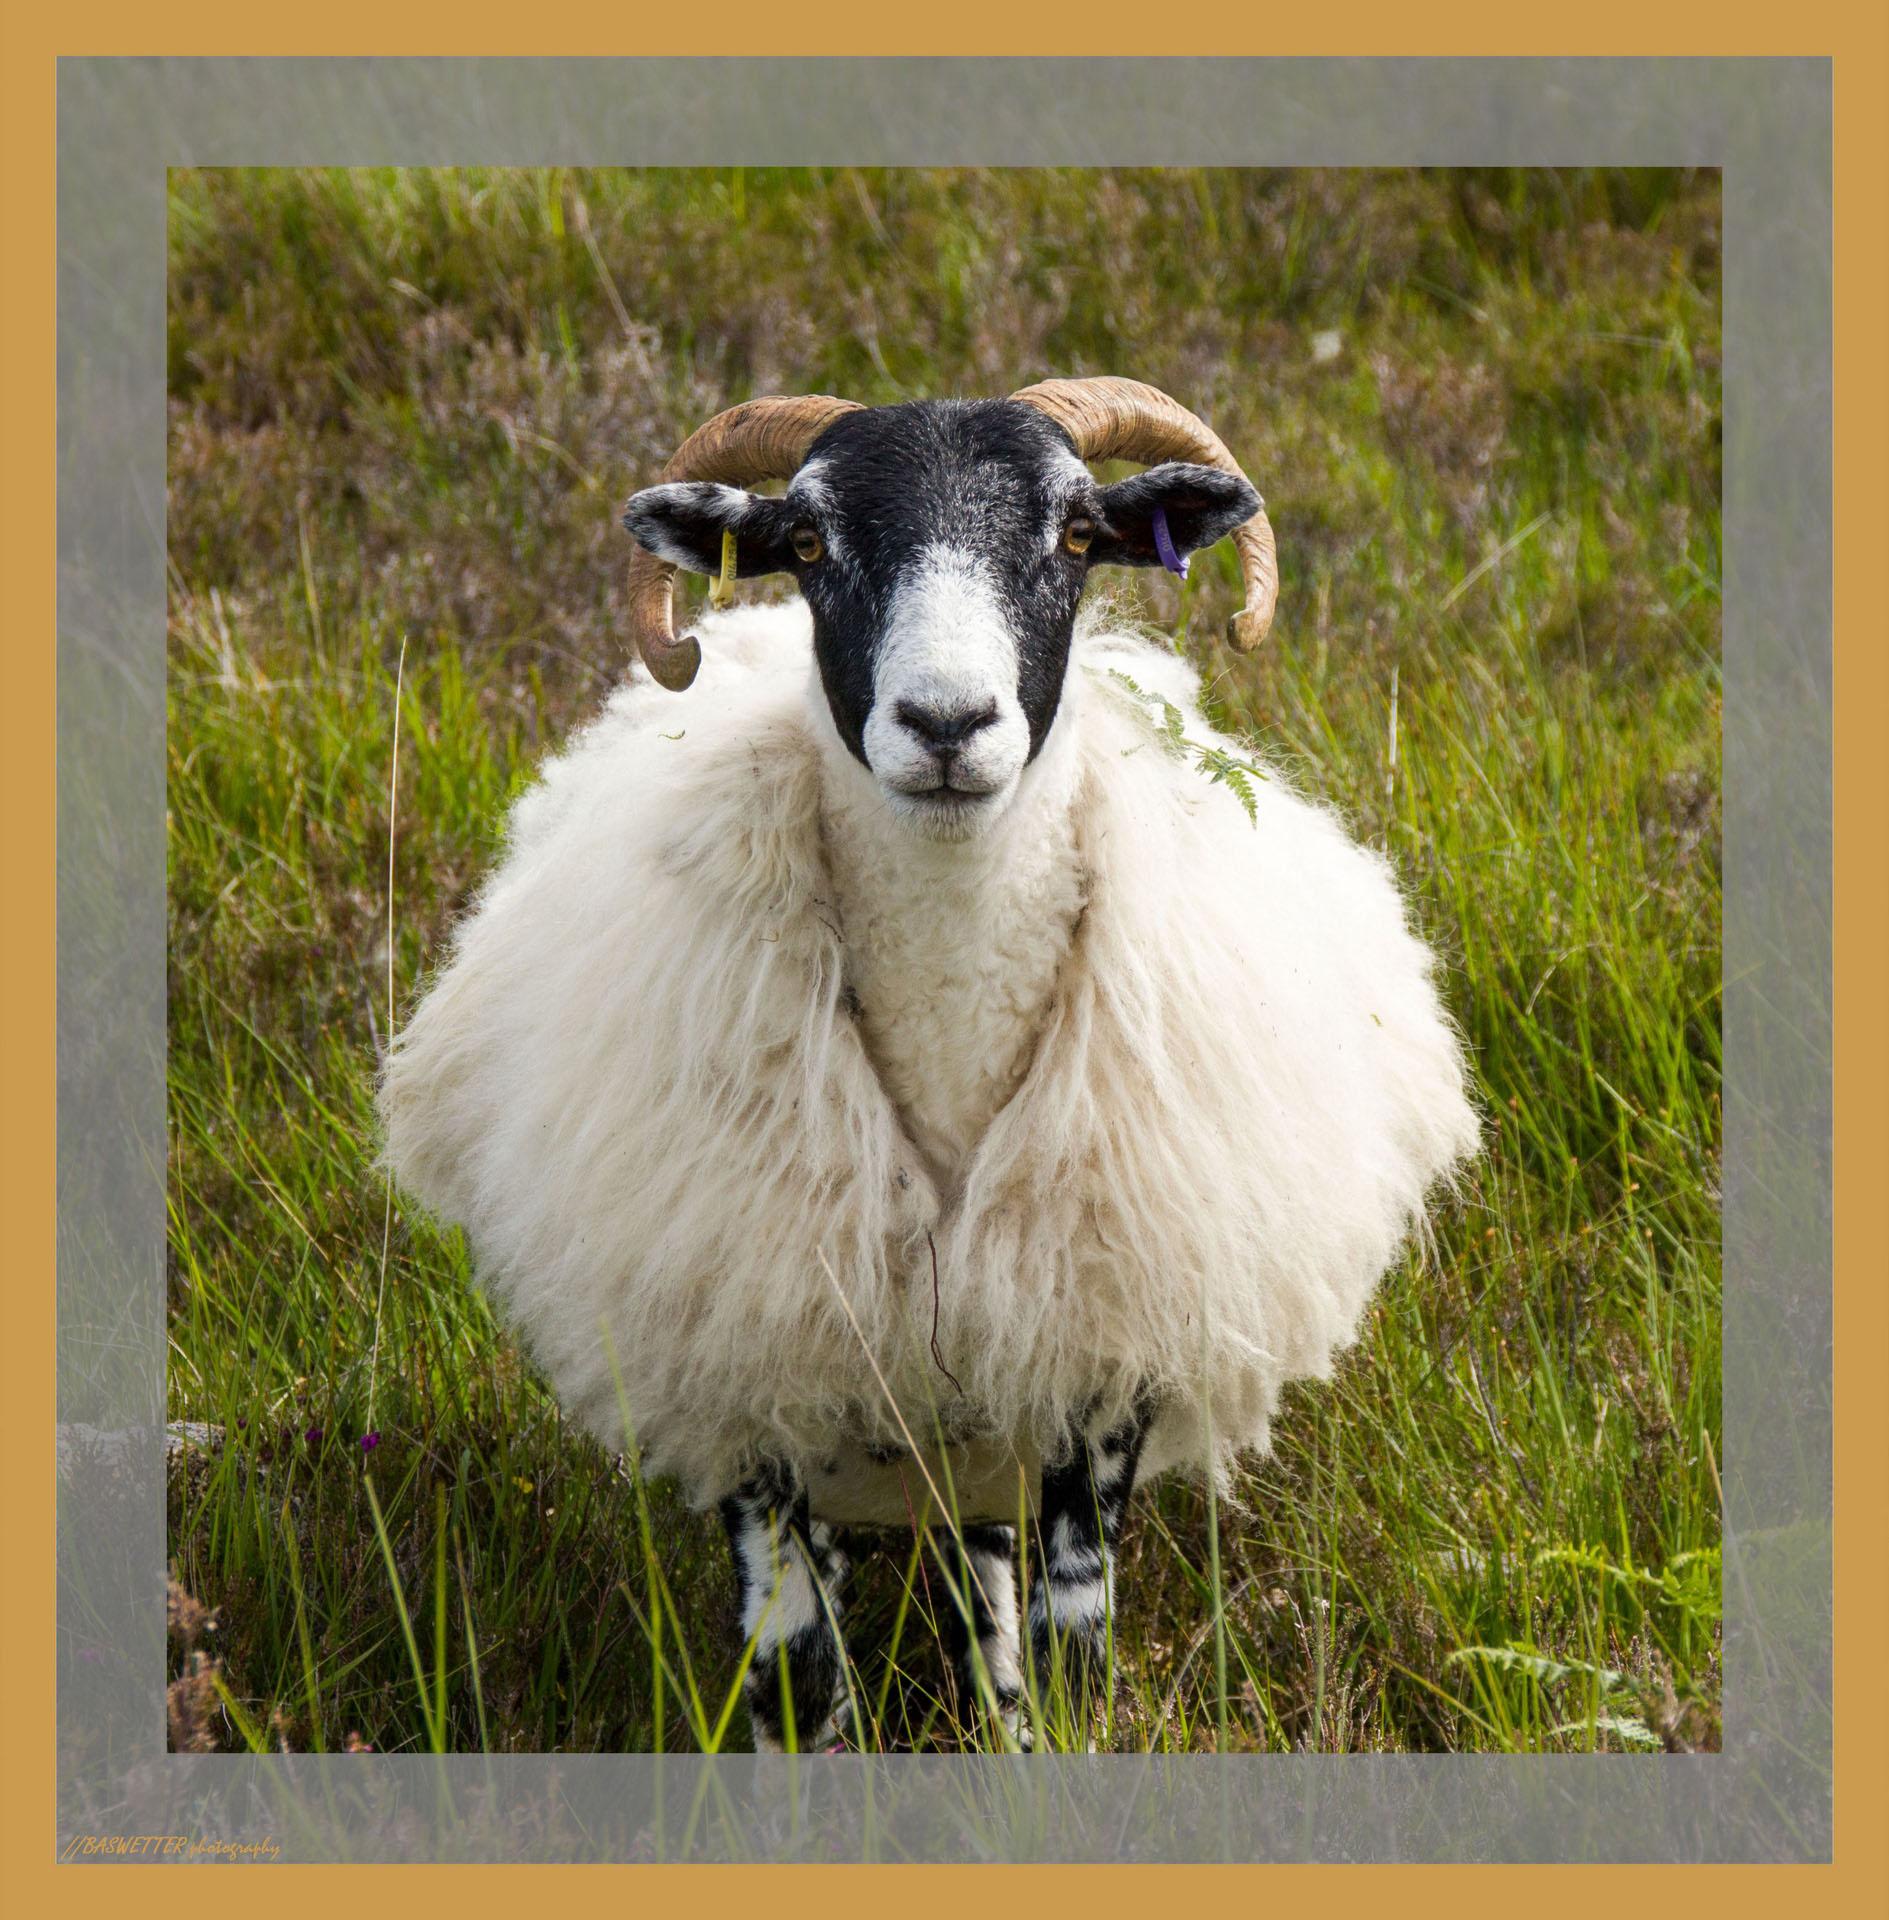 Schaap op Raasay bij Isle of Skye